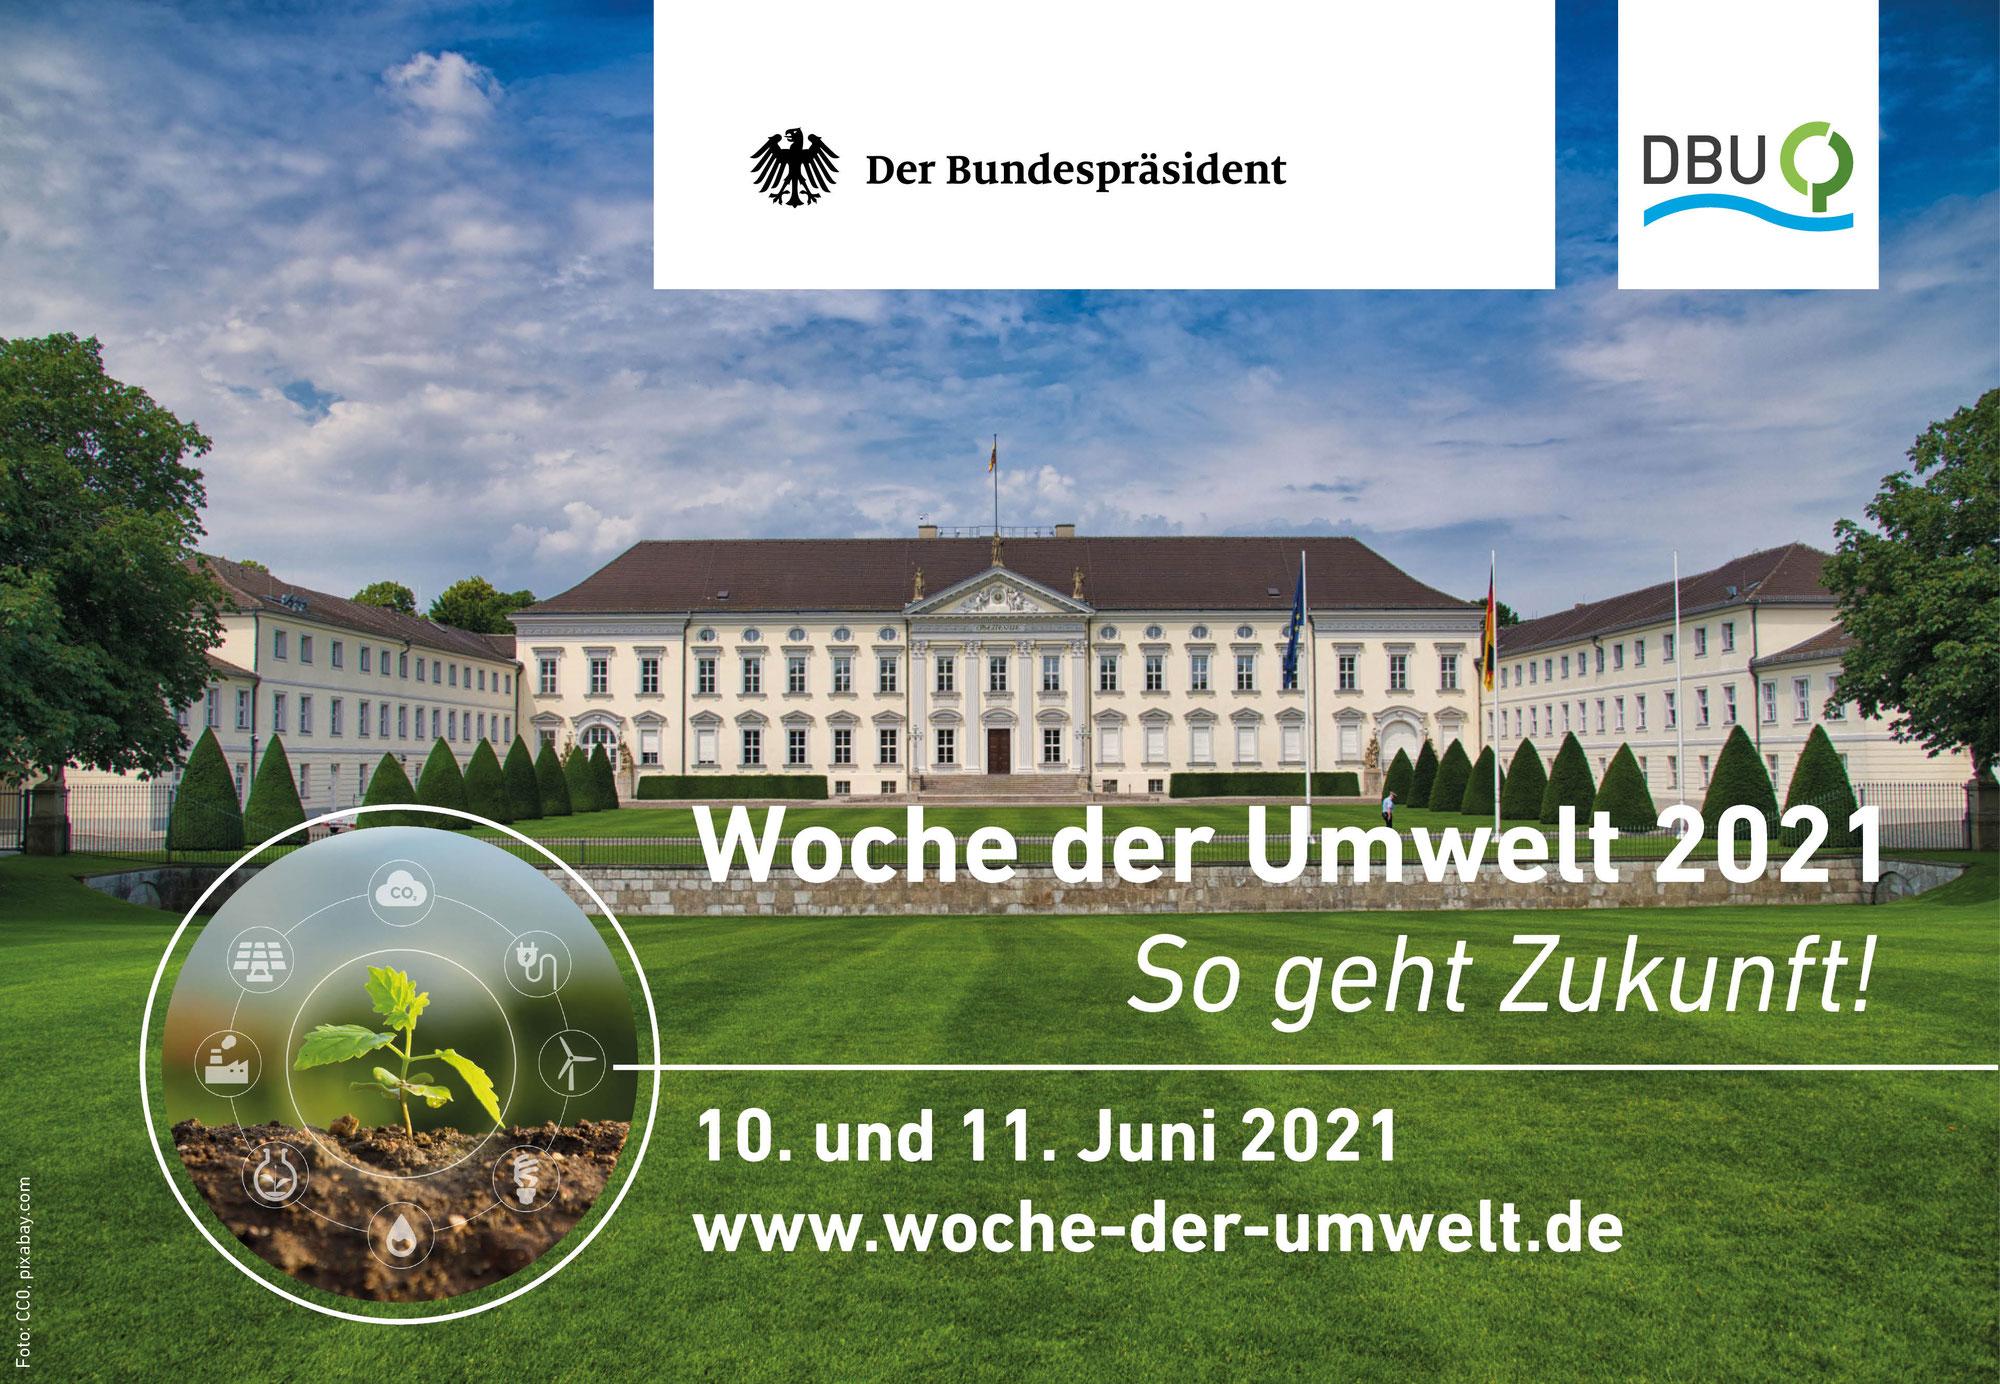 """""""So geht Zukunft"""": Wirtschaftsförderung Osnabrück virtuell zu Gast beim Bundespräsidenten"""